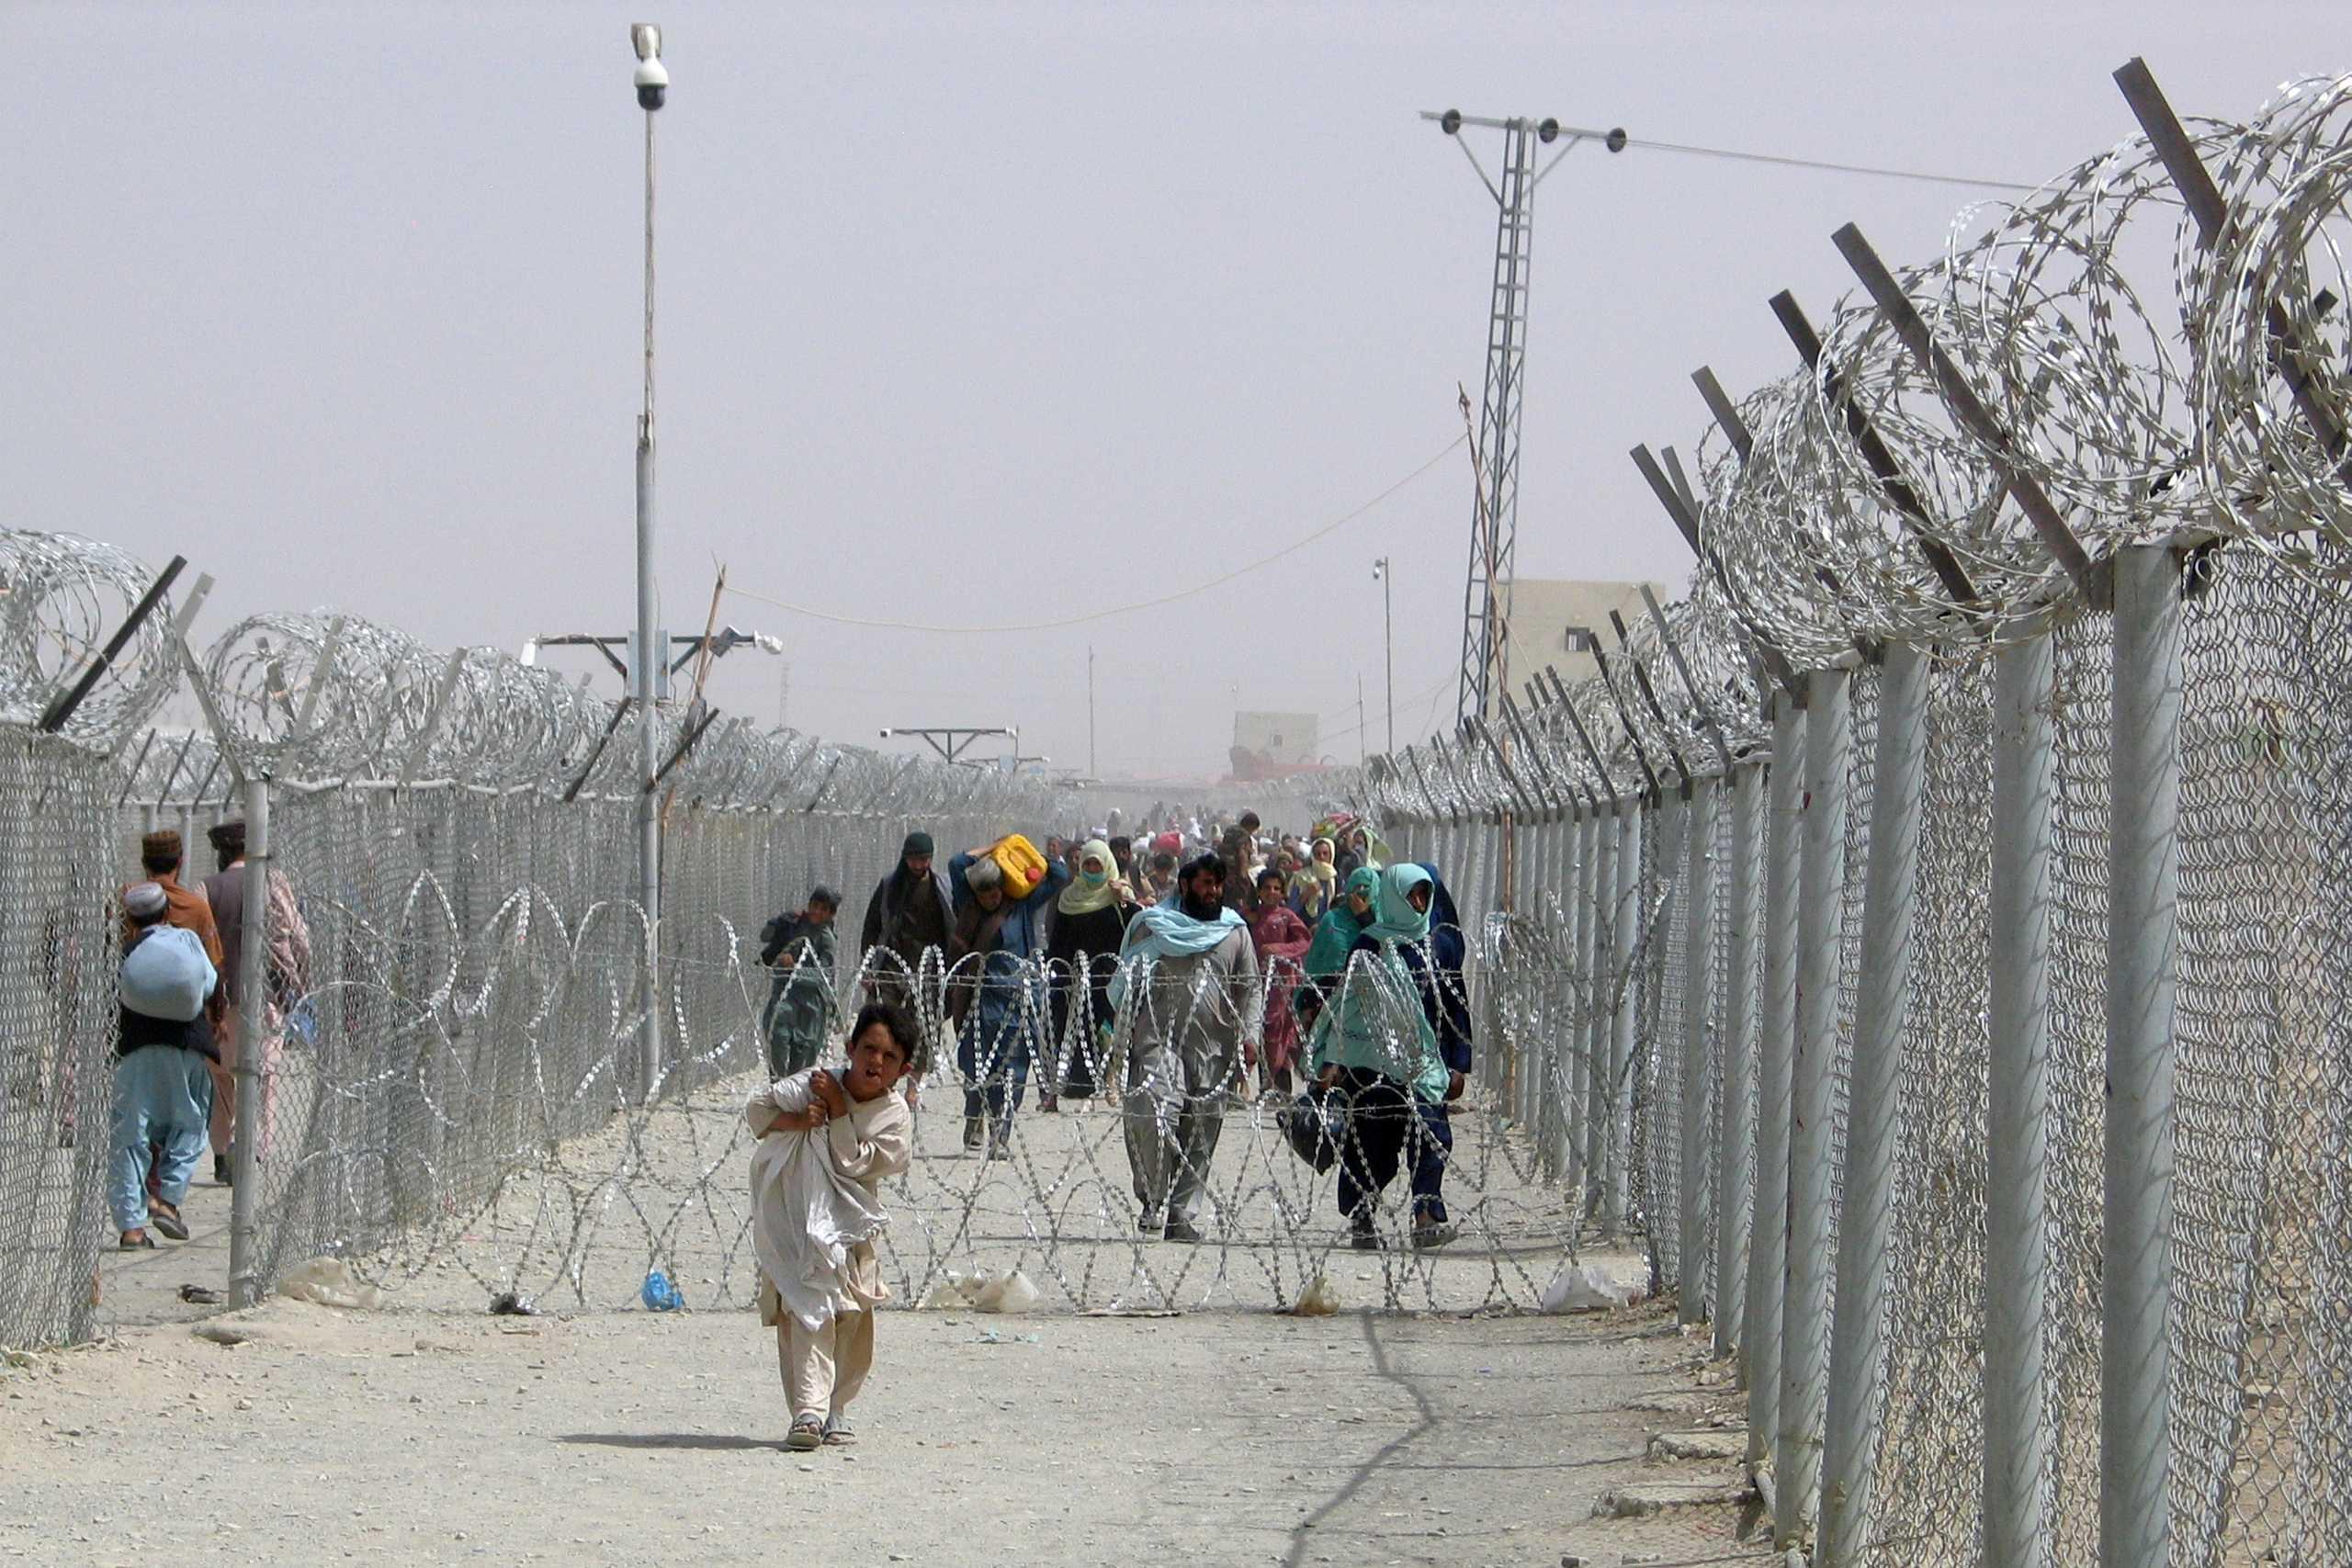 ΟΗΕ: Οι Αφγανοί που κινδυνεύουν «δεν έχουν τρόπο διαφυγής»